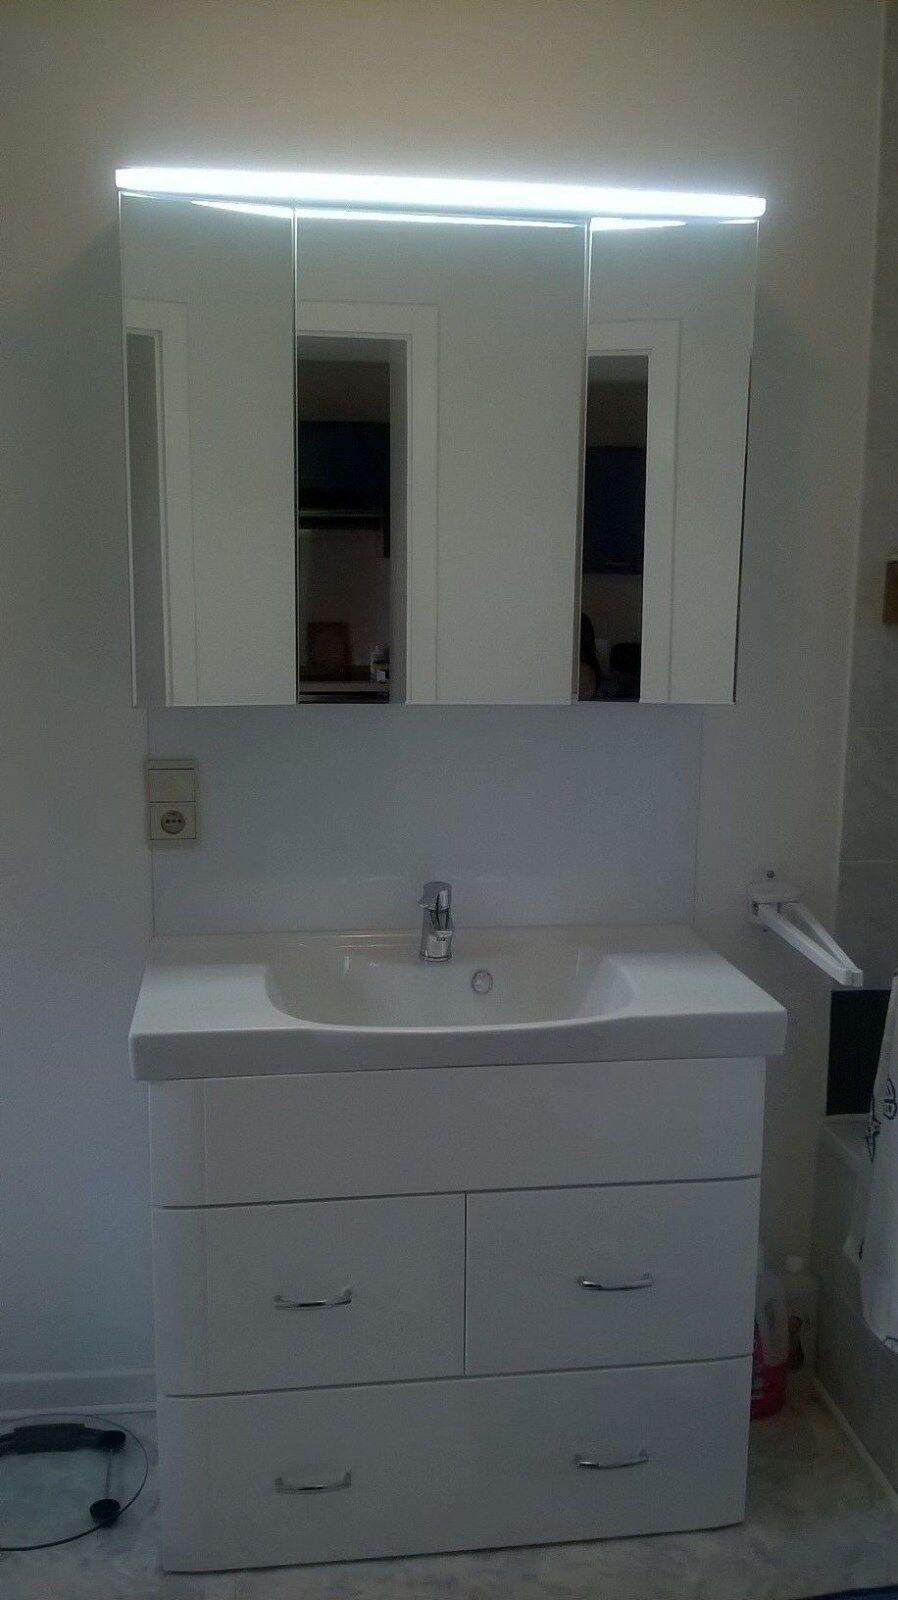 Badezimmereinrichtung Test Vergleich Badezimmereinrichtung